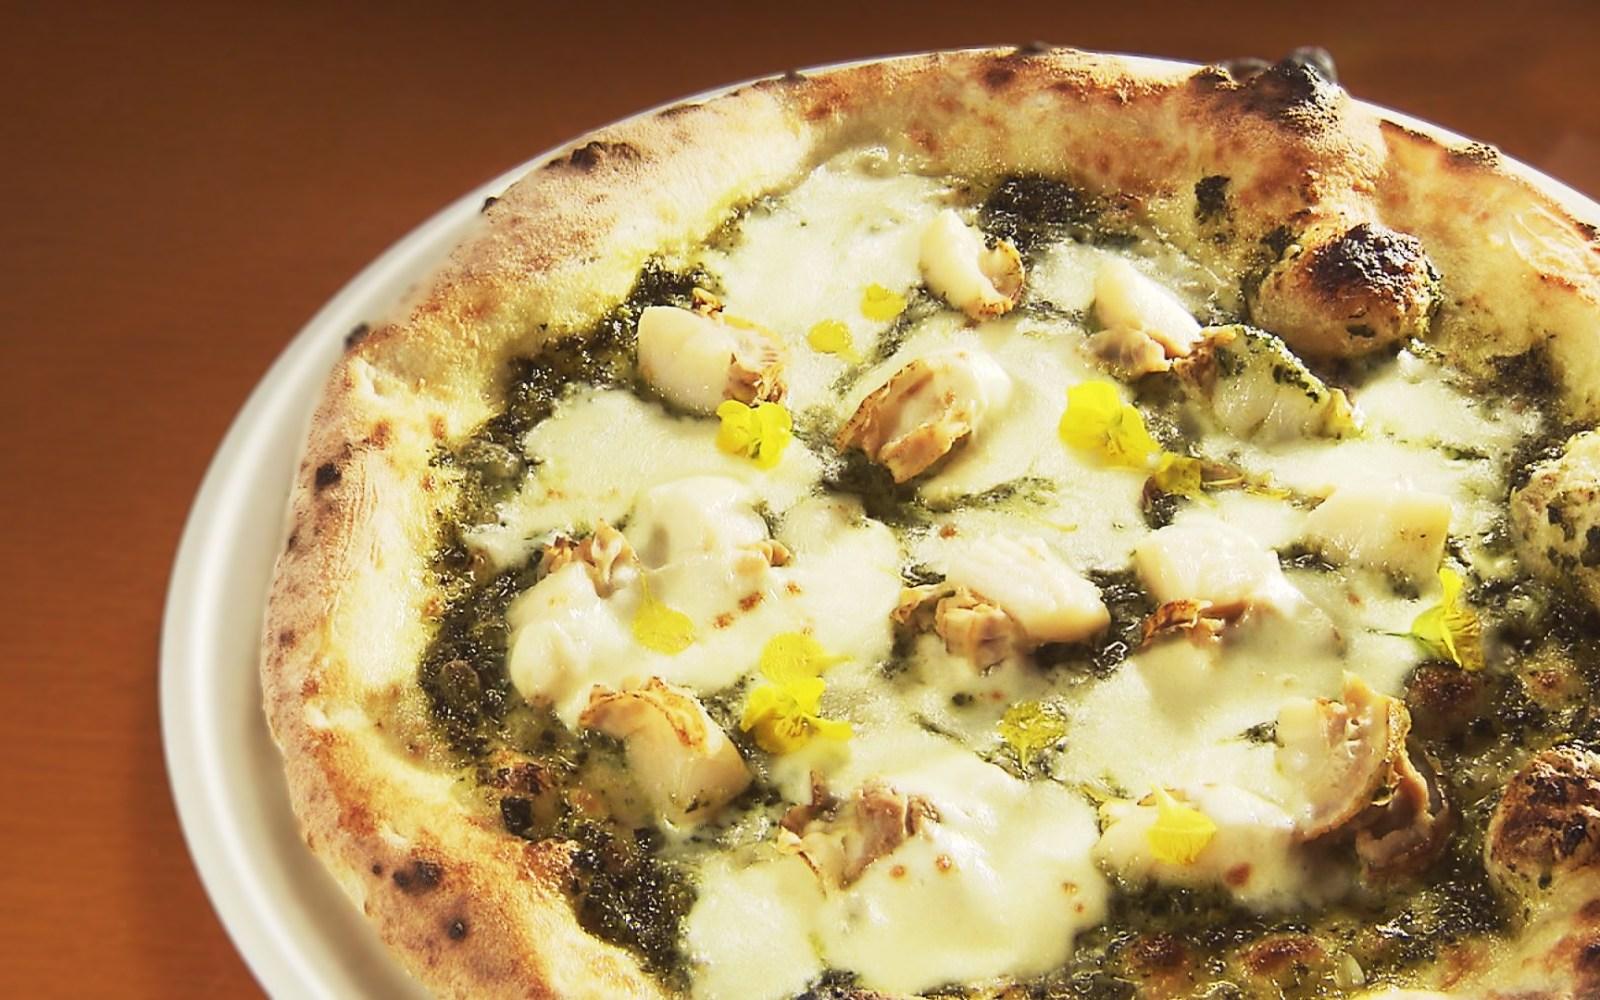 5月限定!地元食材たっぷり使用した菜の花がかわいい絶品ピザ